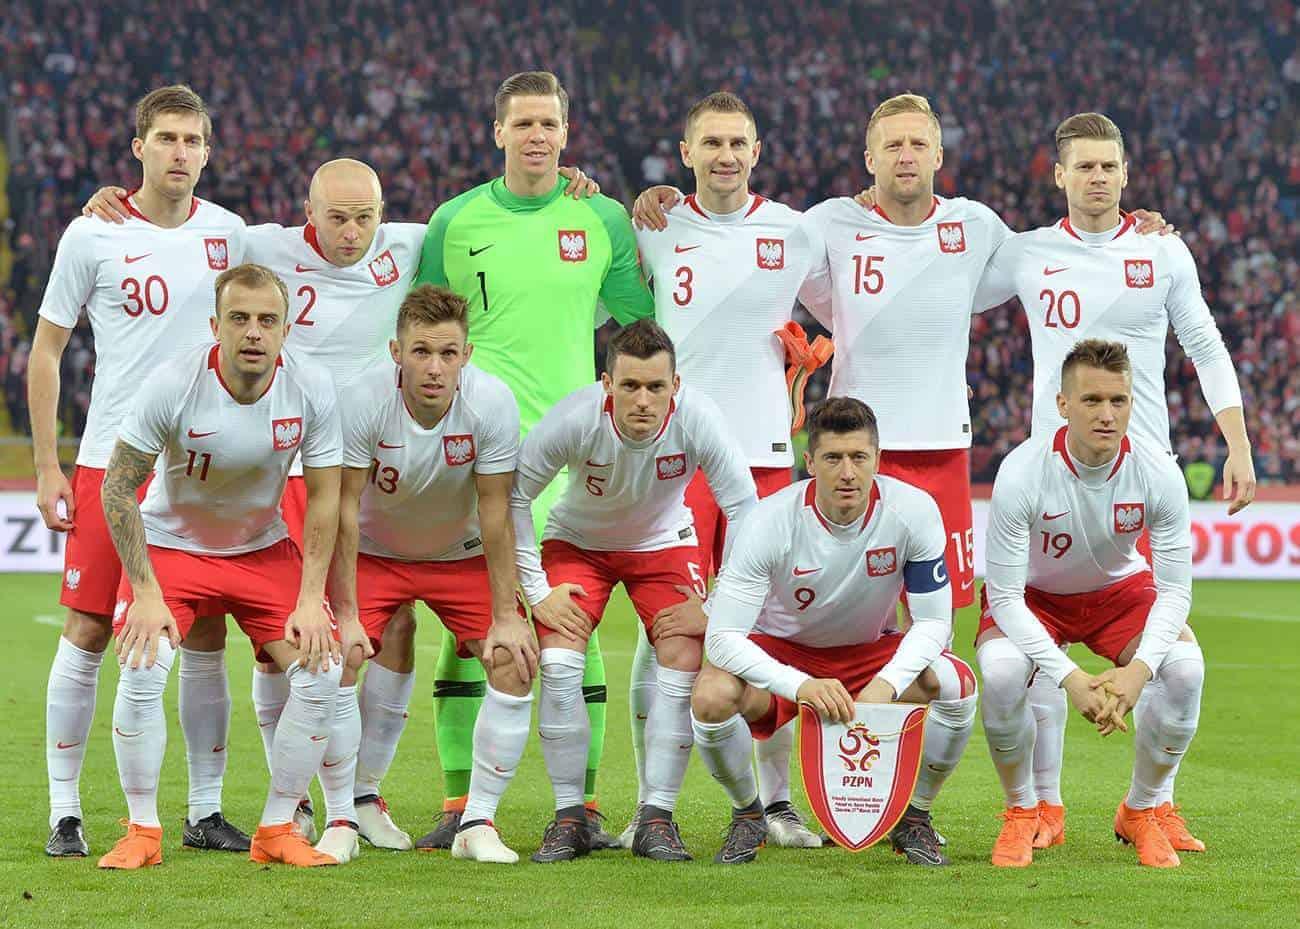 Fußball WM 2018 - heißt der Gruppensieger in Gruppe H Polen?